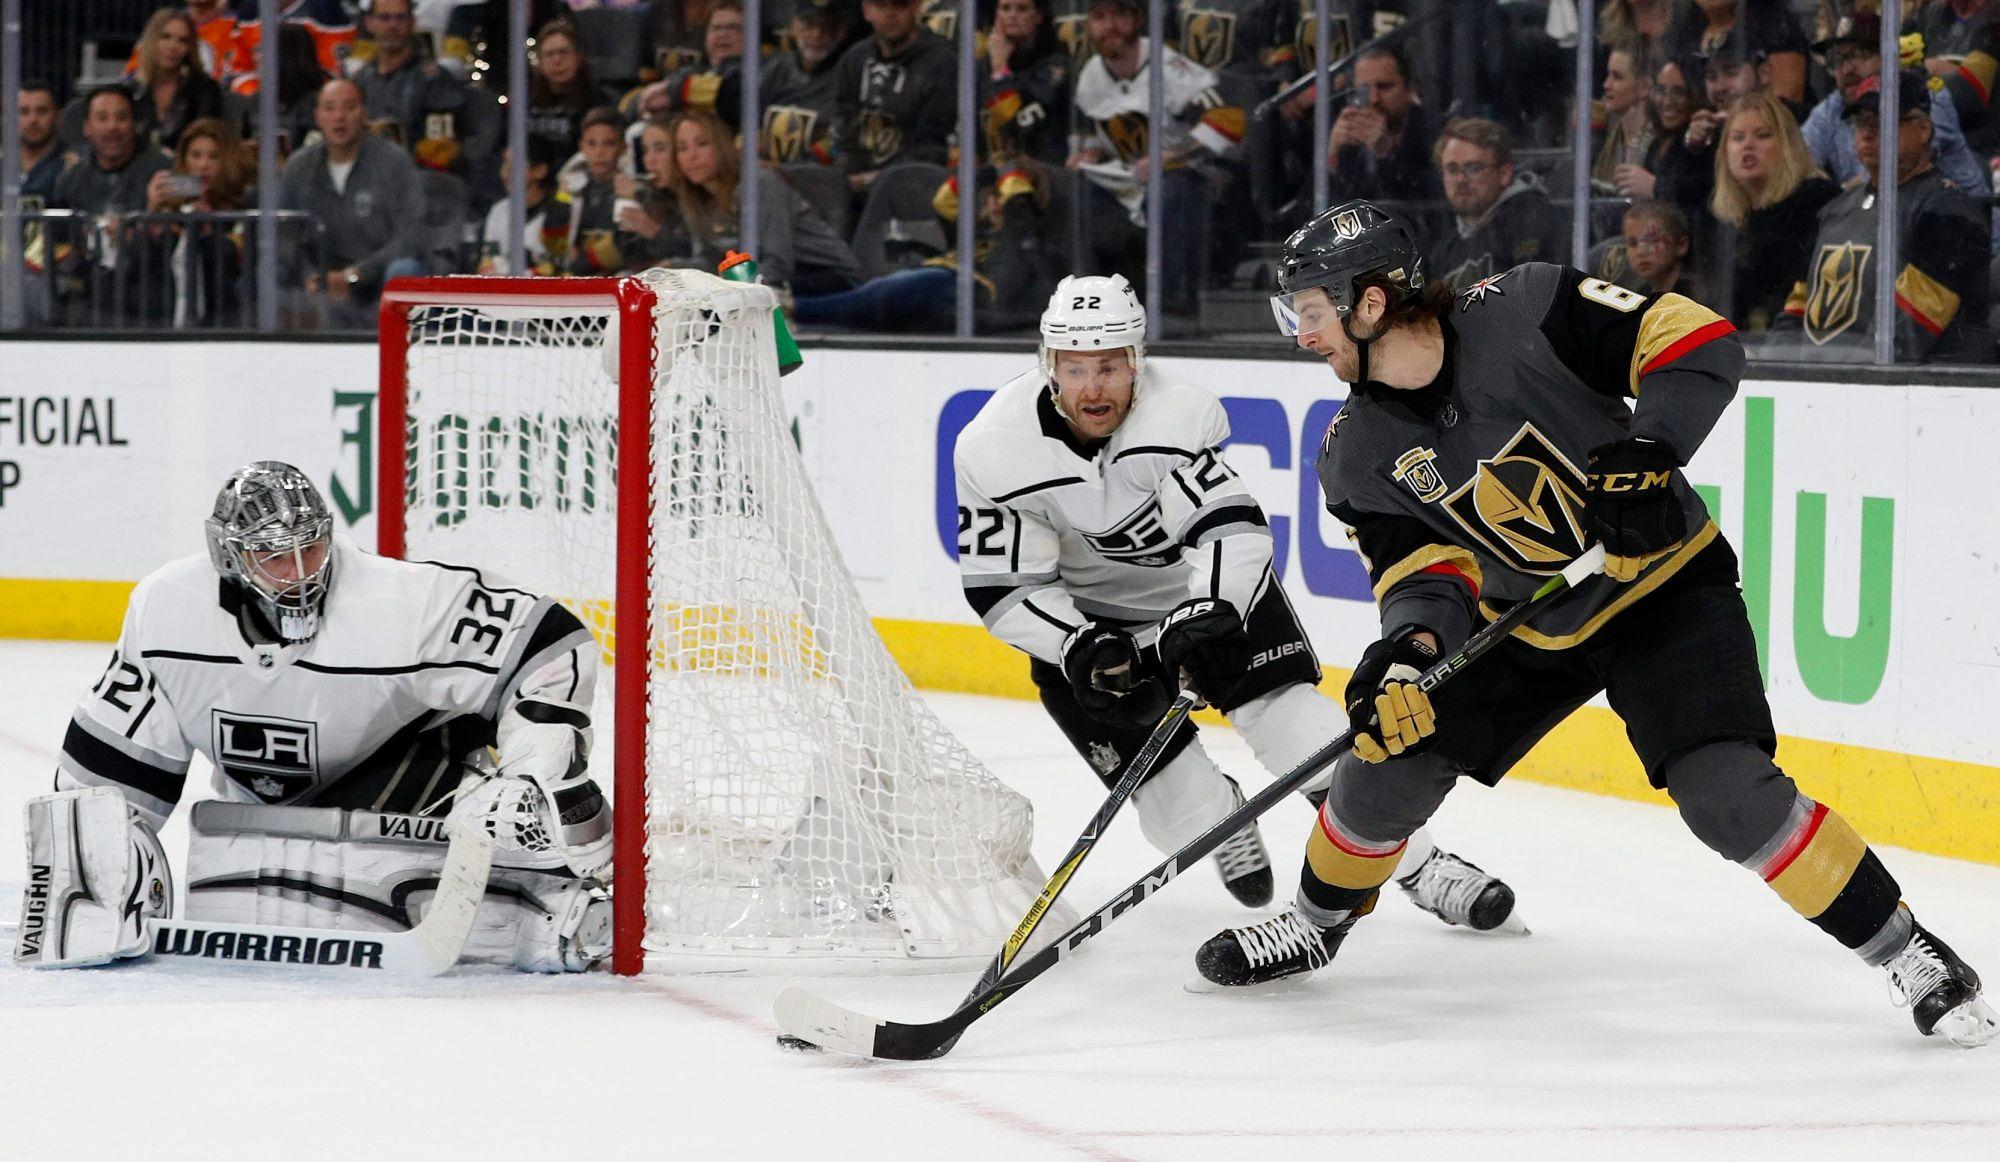 Le hockey des séries se poursuit ce dimanche